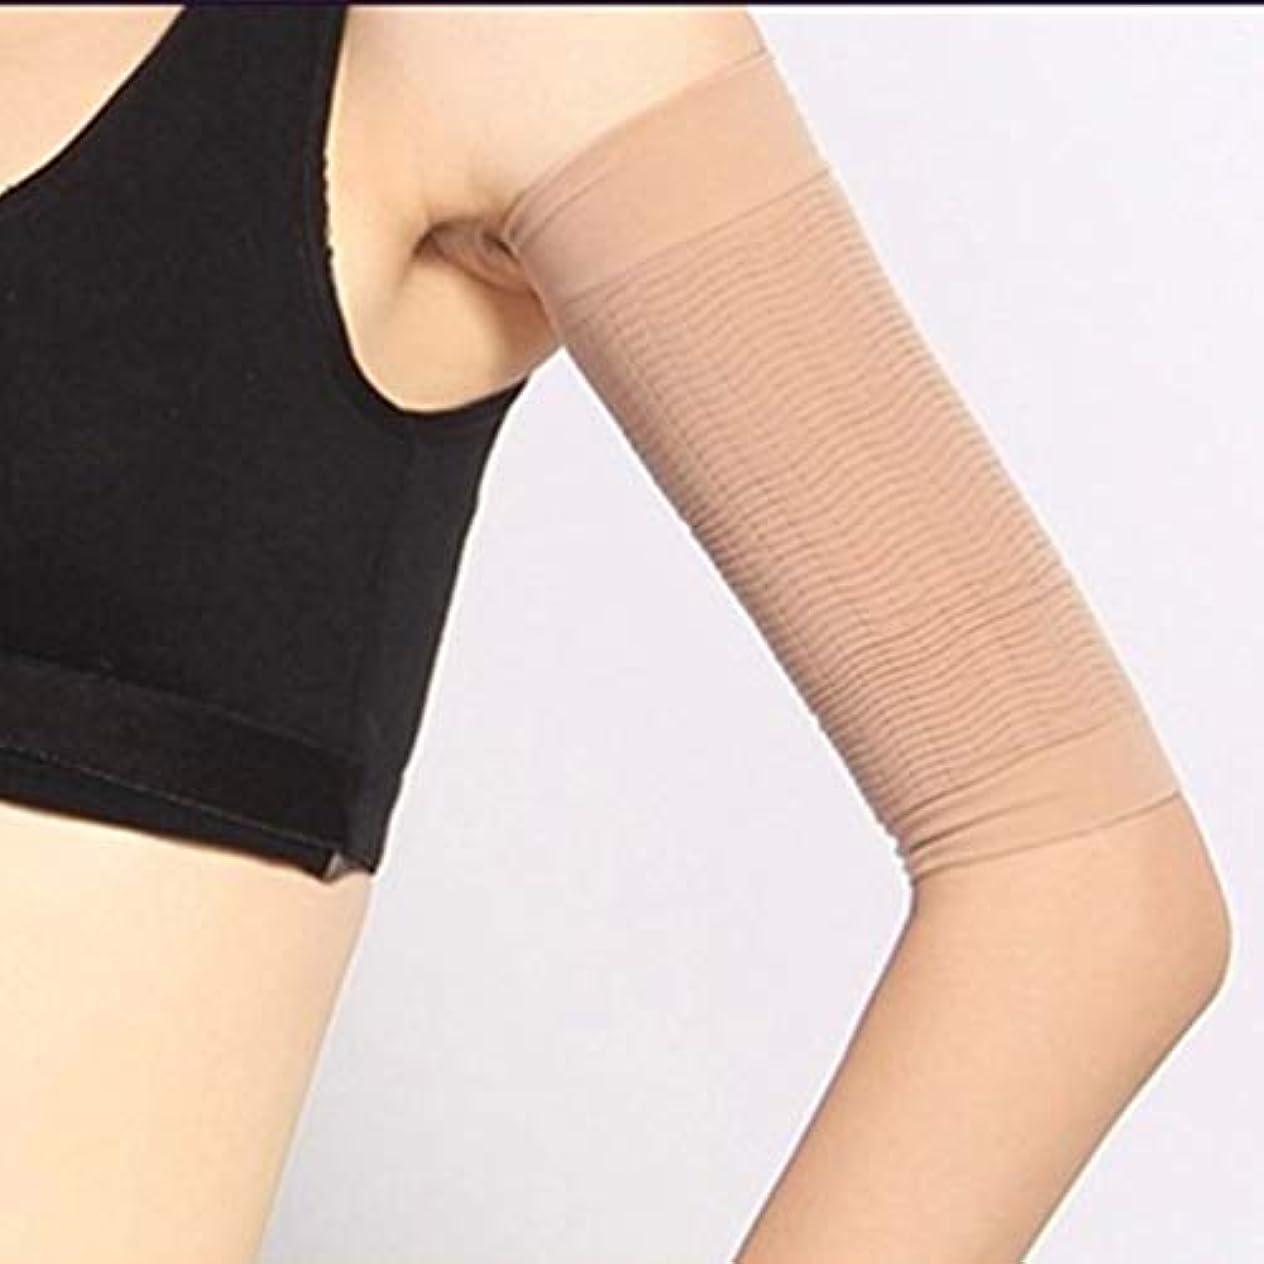 指導するメキシコではごきげんよう1ペア420 D圧縮痩身アームスリーブワークアウトトーニングバーンセルライトシェイパー脂肪燃焼袖用女性 - 肌色